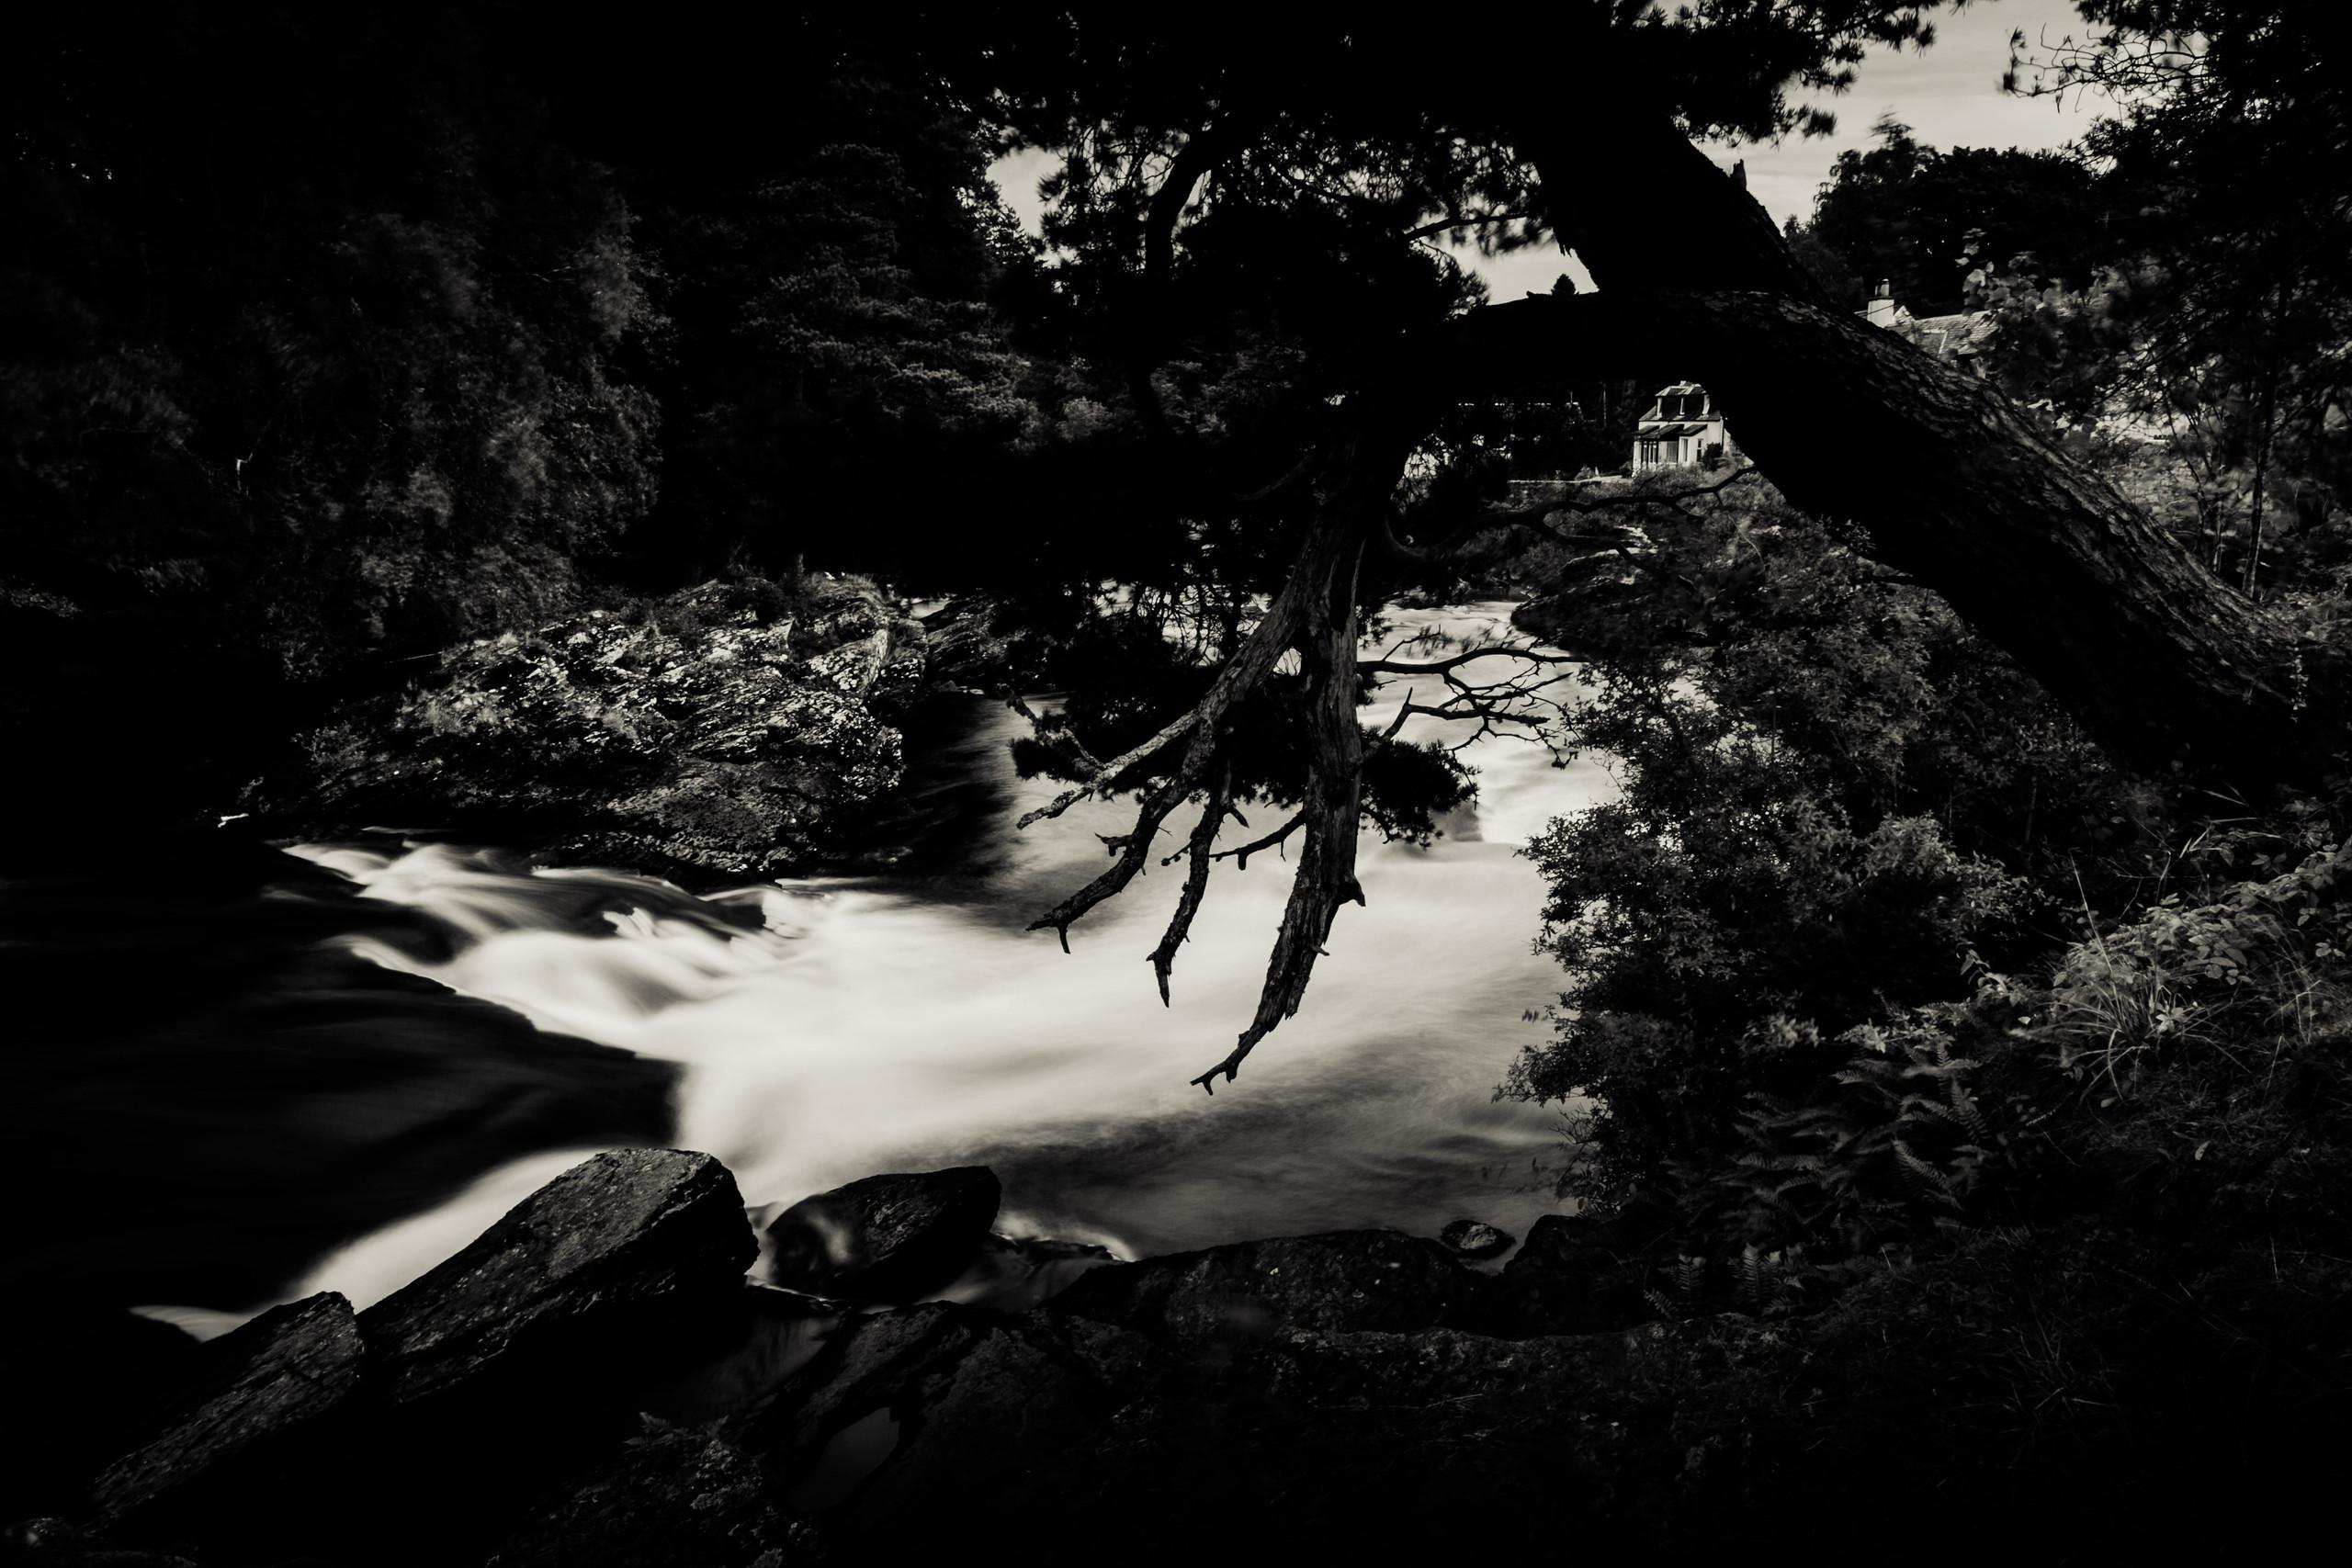 Scottish Highlands in a village called Killin. Scotland, landscapes, hiking